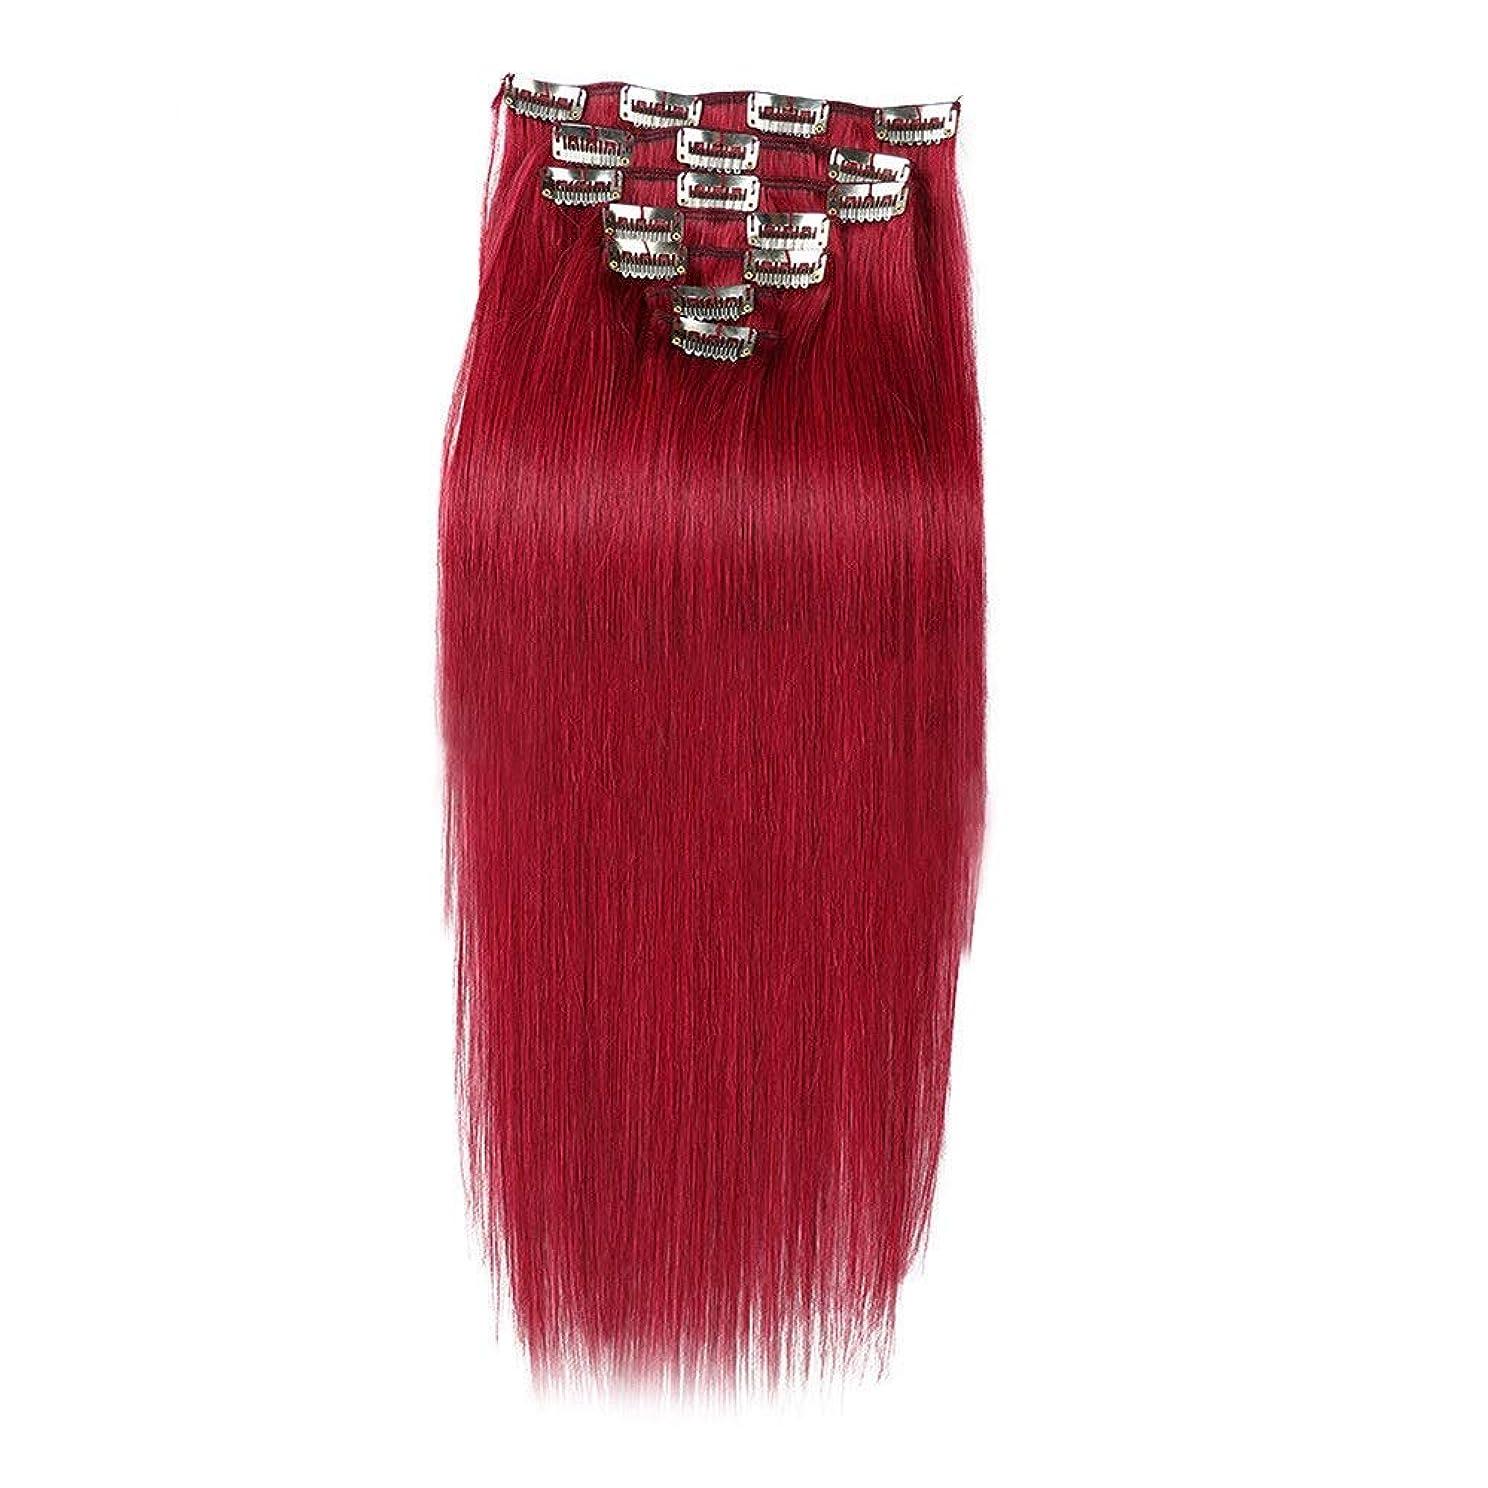 ジャムエアコン無条件YESONEEP ヘアエクステンション人毛16インチ7個70gダブル横糸ソフトストレートヘア用女性かつら赤いかつら (色 : #BURG)